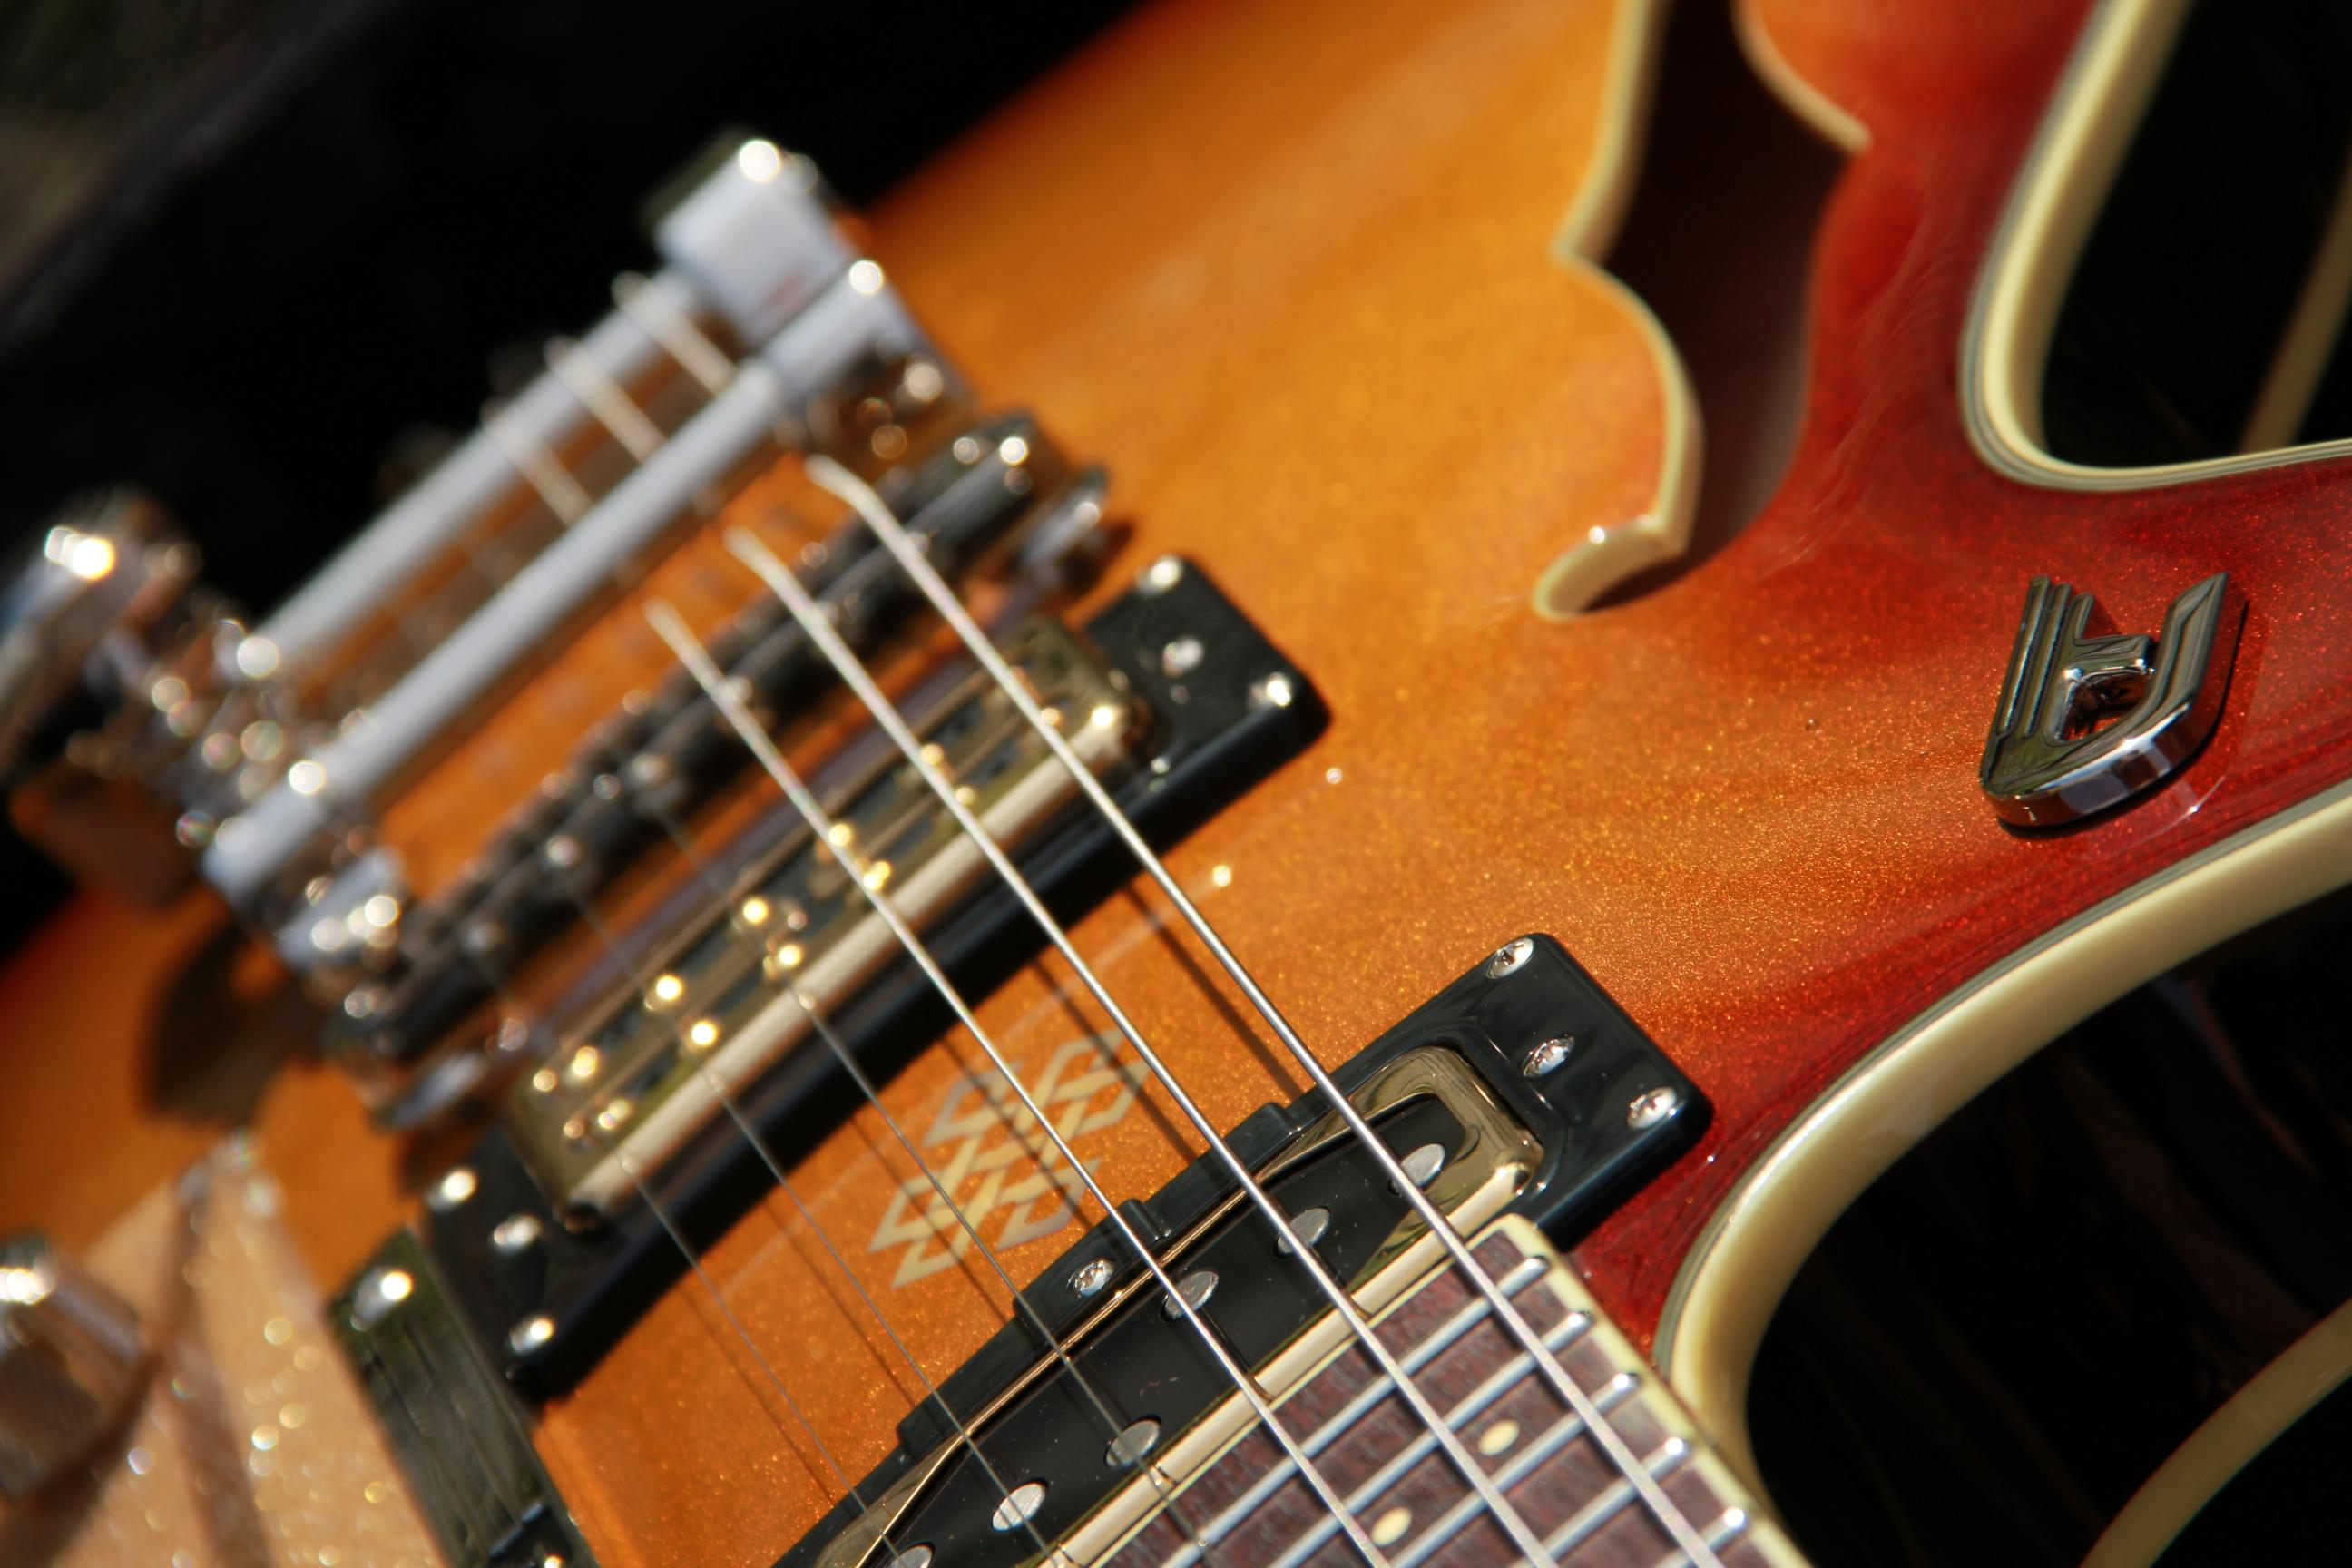 duesenberg joe walsh 2015 goldburst guitar for sale martin s musik kiste. Black Bedroom Furniture Sets. Home Design Ideas